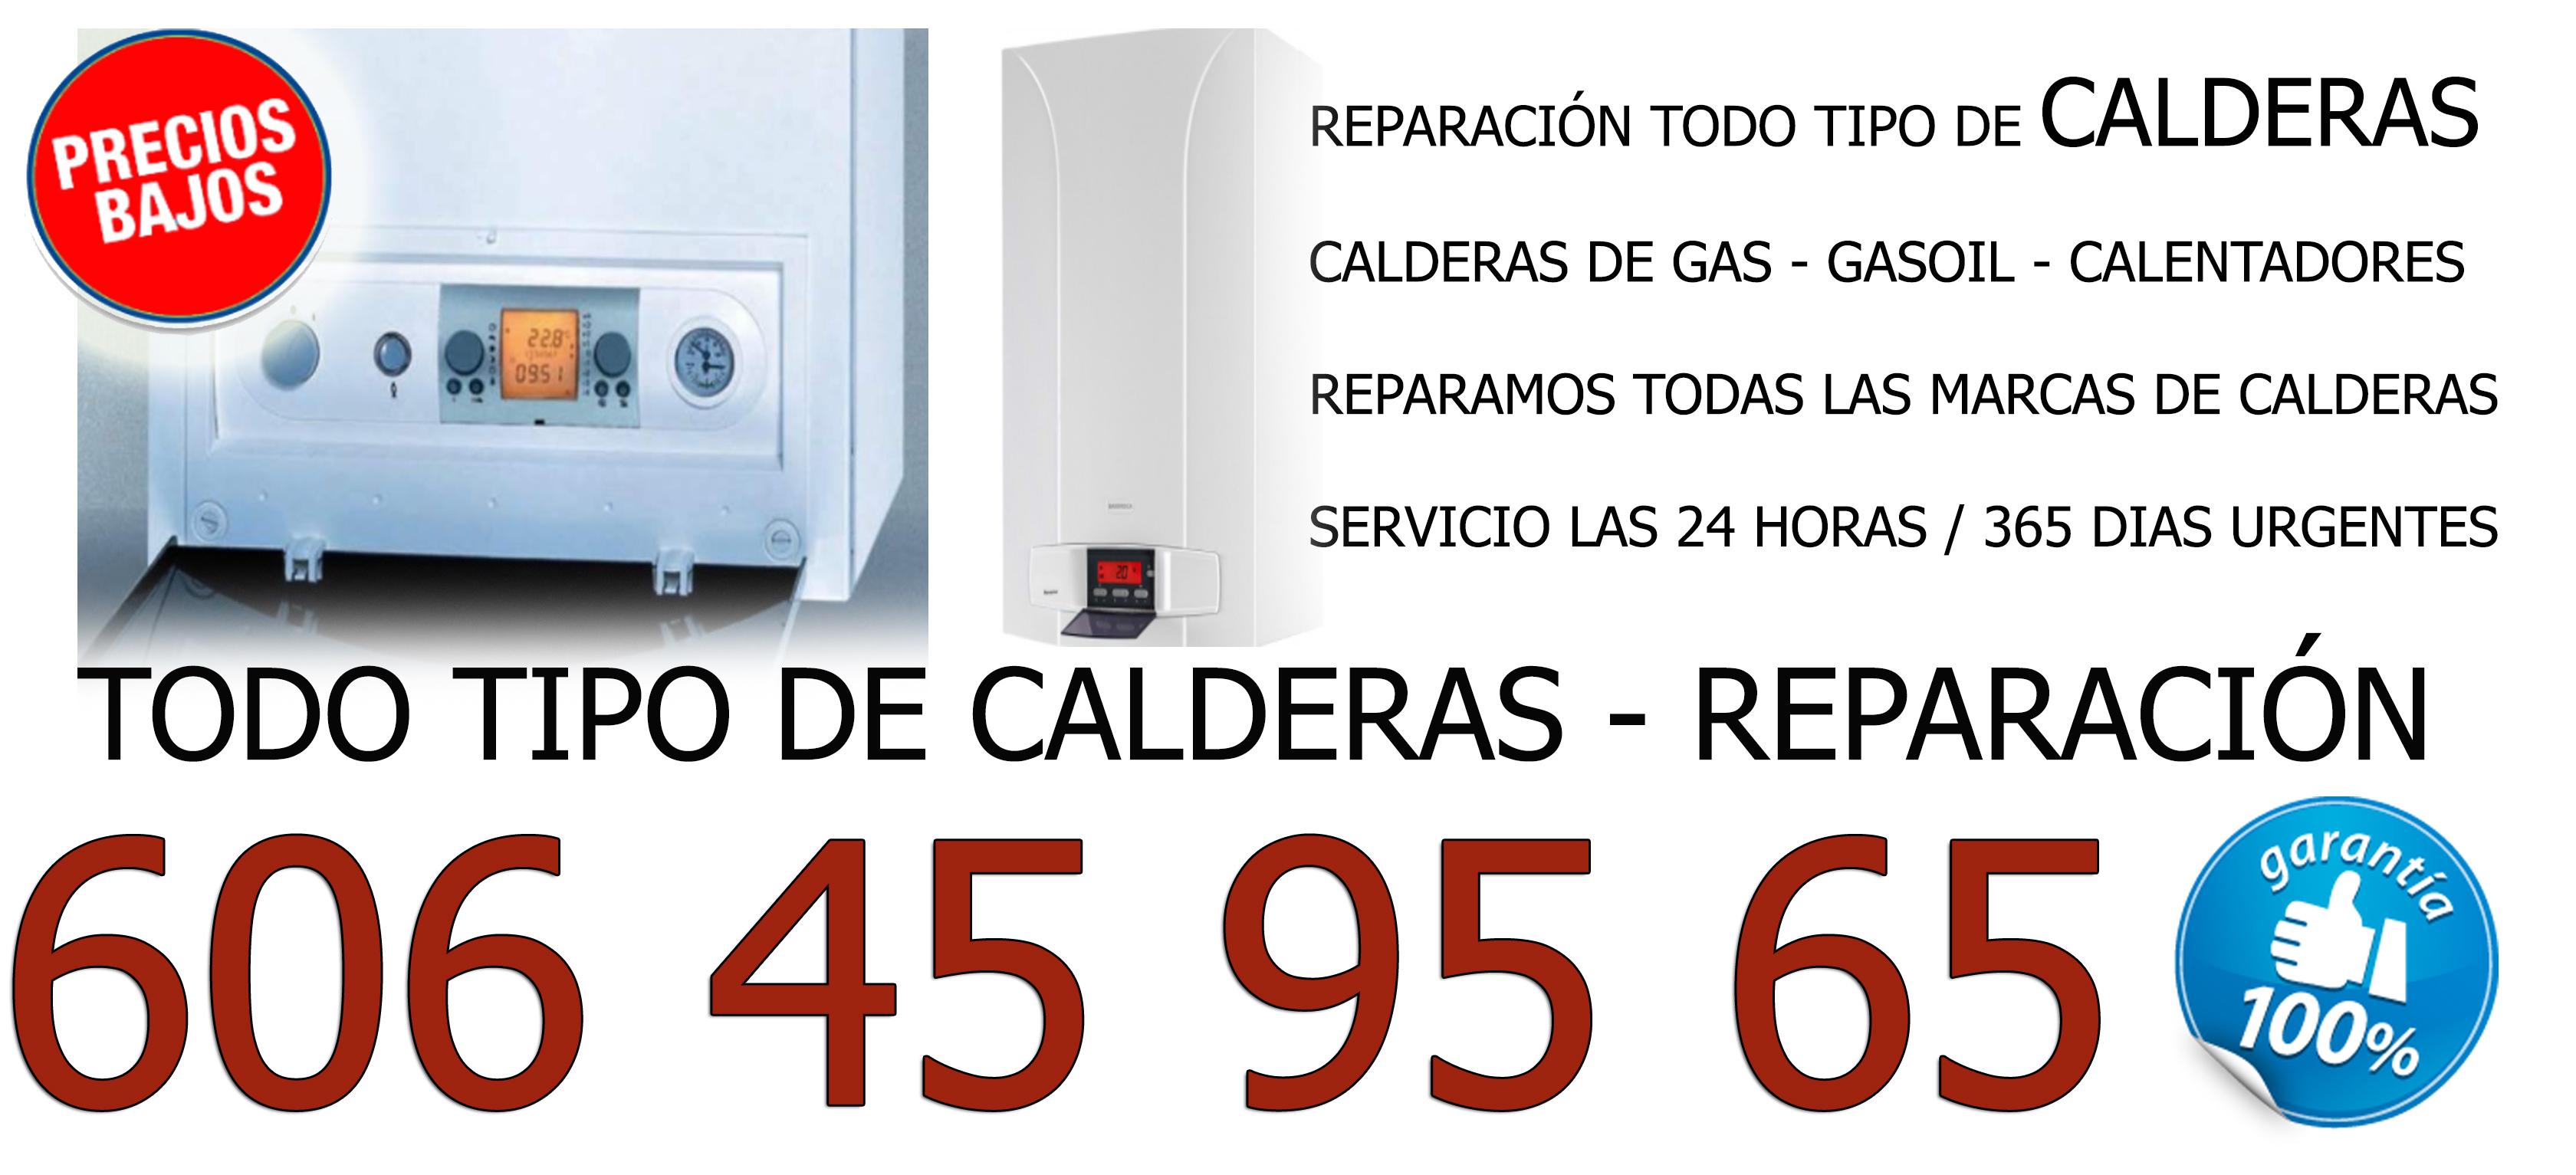 Reparaciones de Calderas 08005